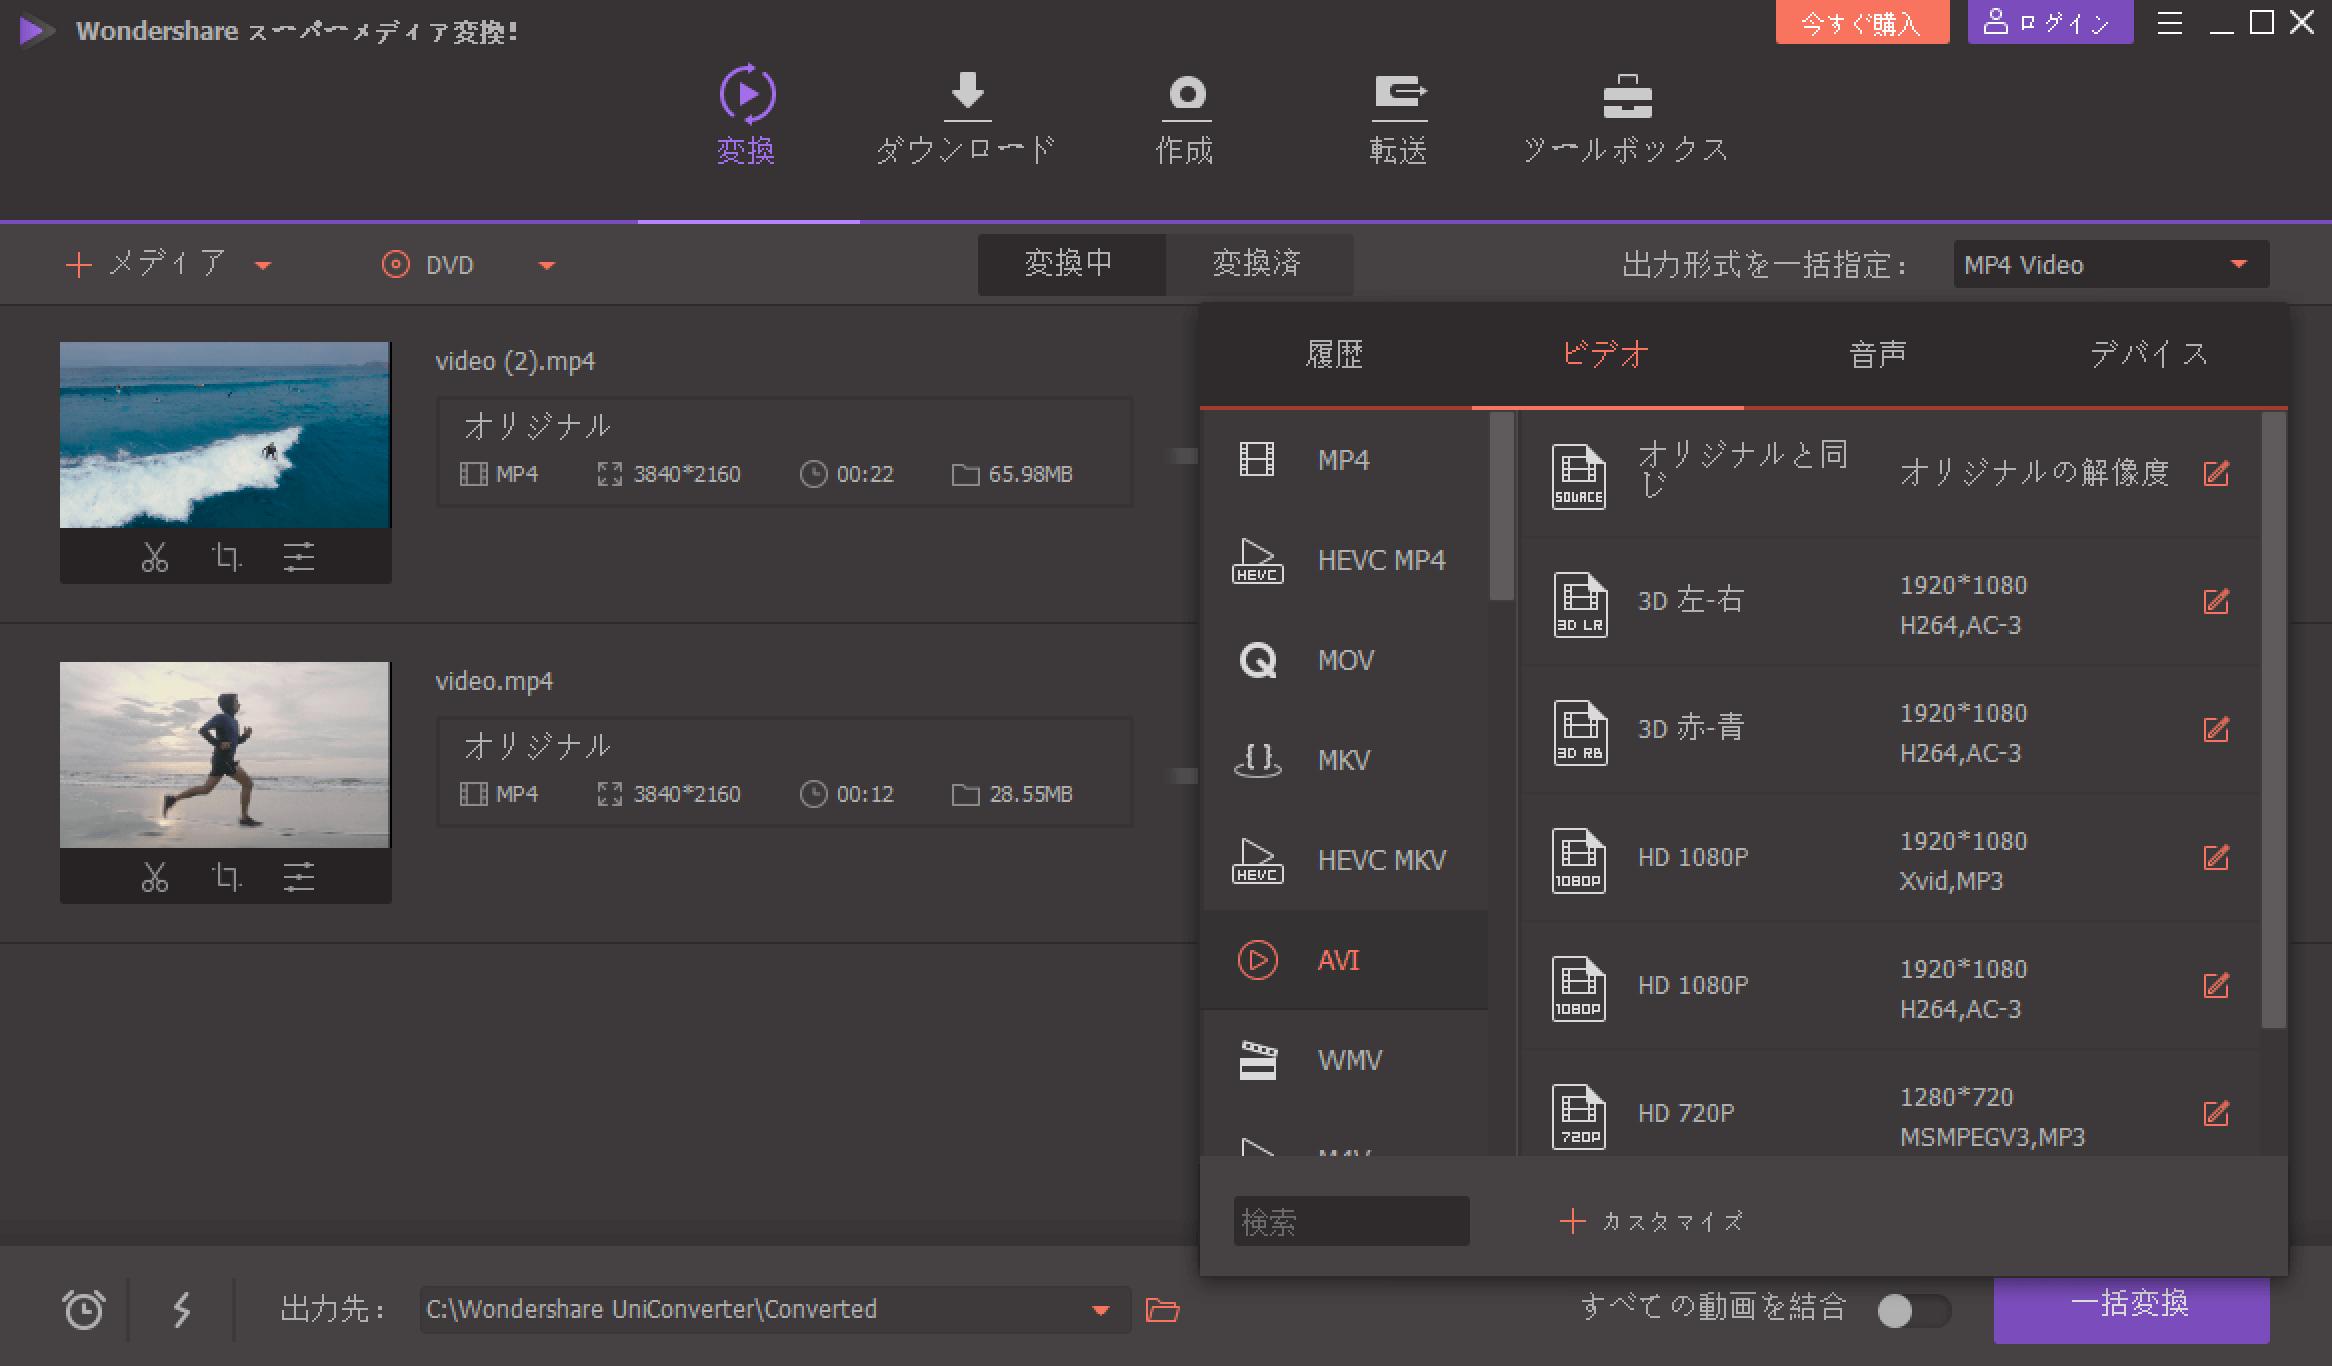 「Wondershare スーパーメディア変換!」を使ってmp4動画をAVI形式に変換する